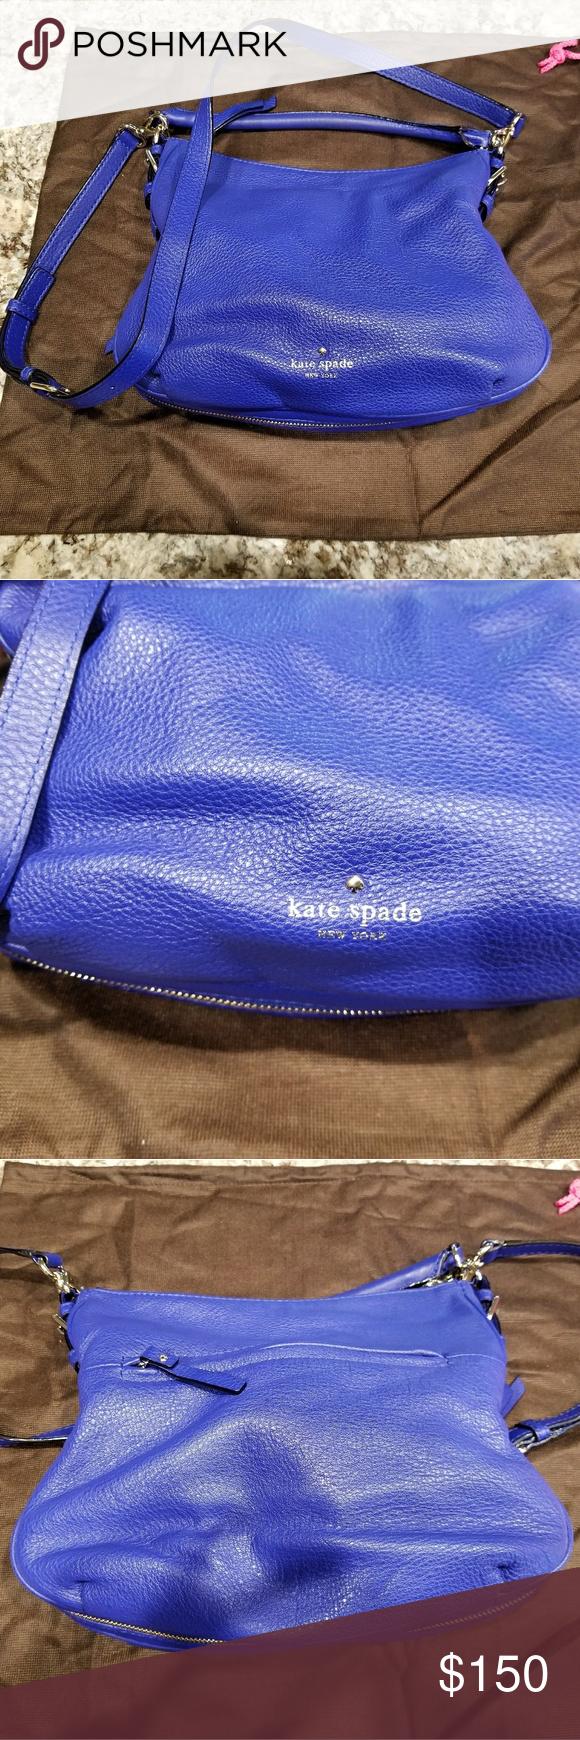 Kate Spade Crossbody Bag Cobalt blue crossbody bag. Barely used. kate spade Bags Crossbody Bags